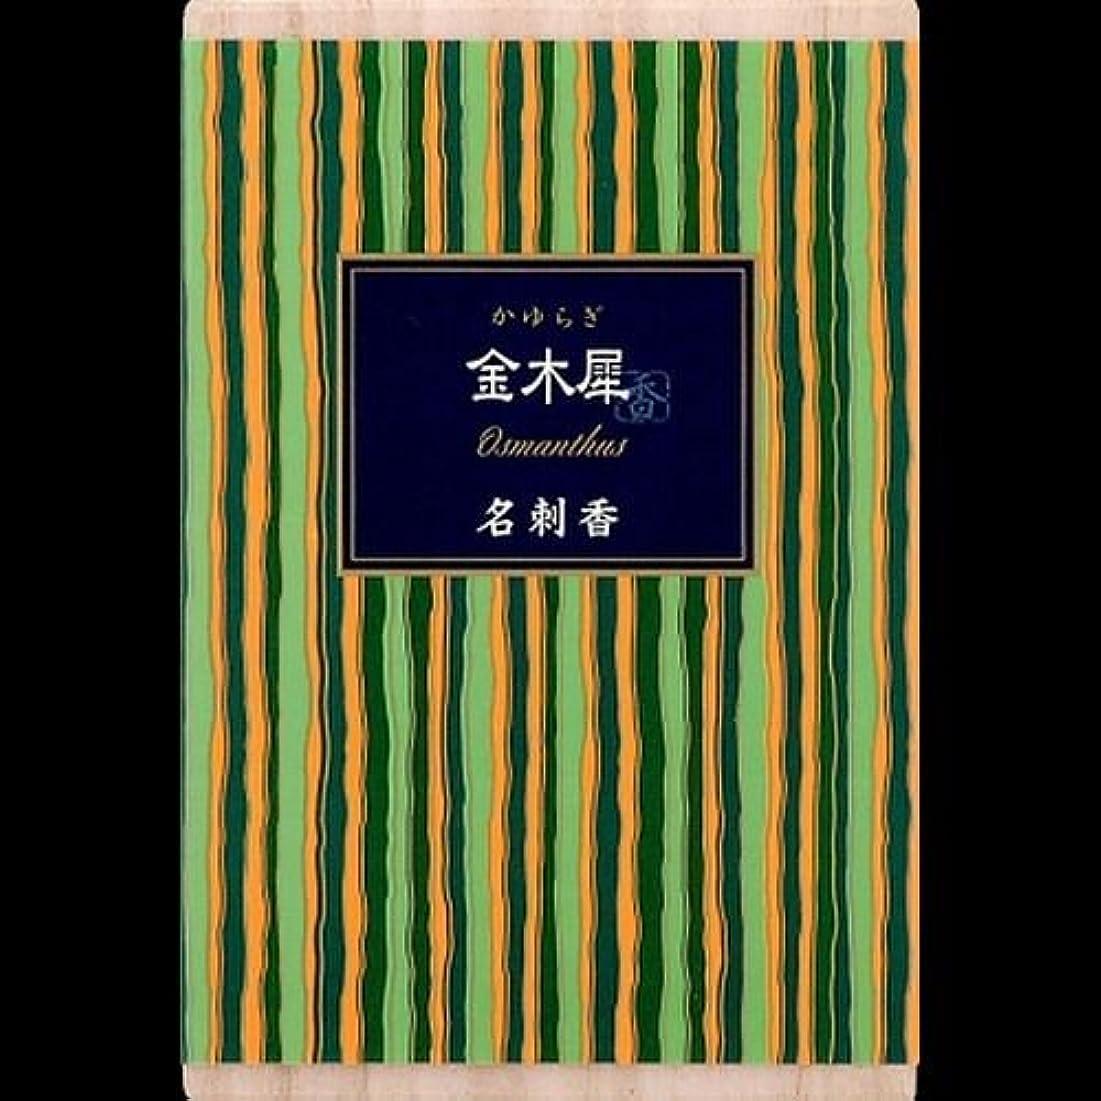 試験財産ぐったり【まとめ買い】かゆらぎ 金木犀 名刺香 桐箱 6入 ×2セット